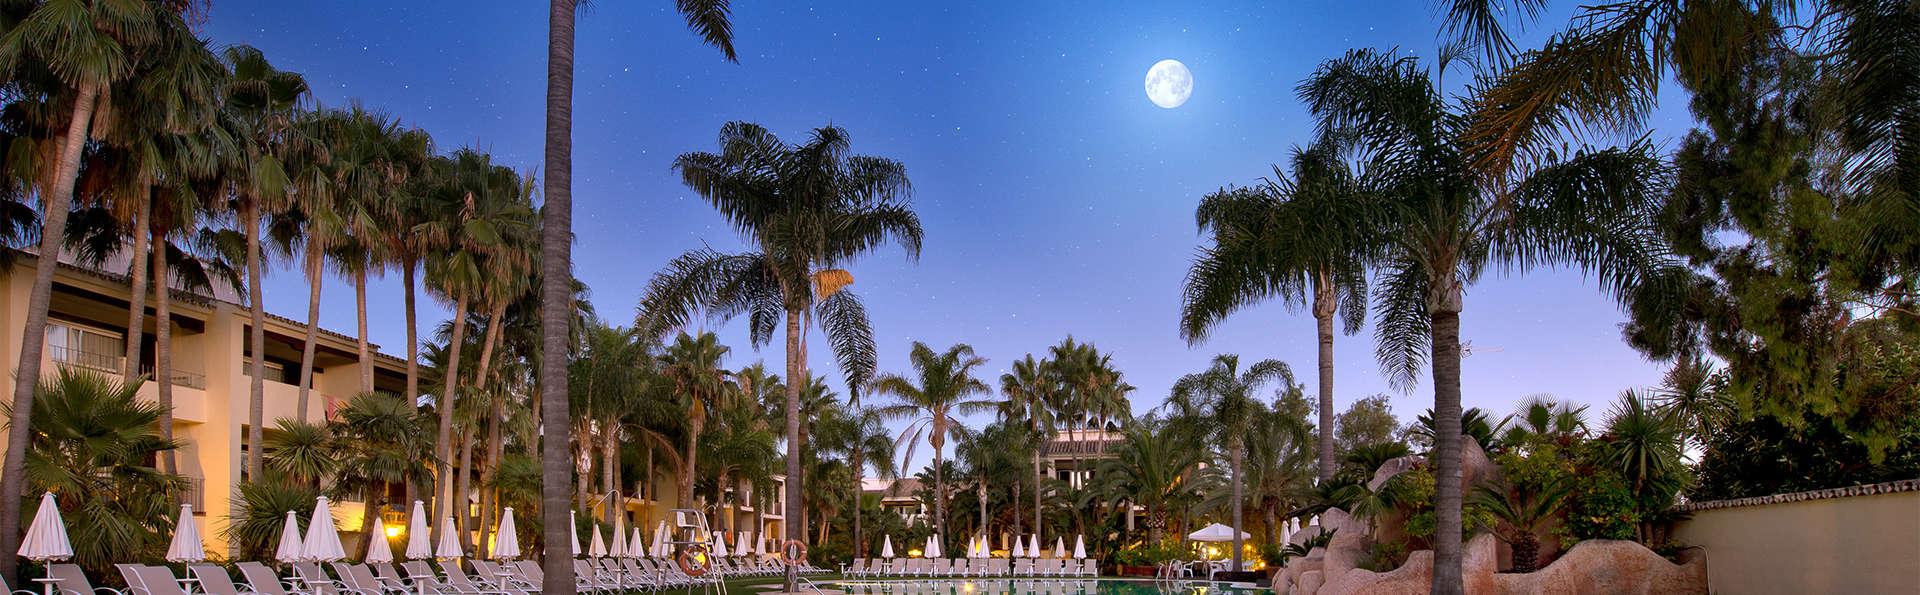 Profitez de la Costa del Sol en famille dans un hôtel 4 étoiles à deux minutes de la plage